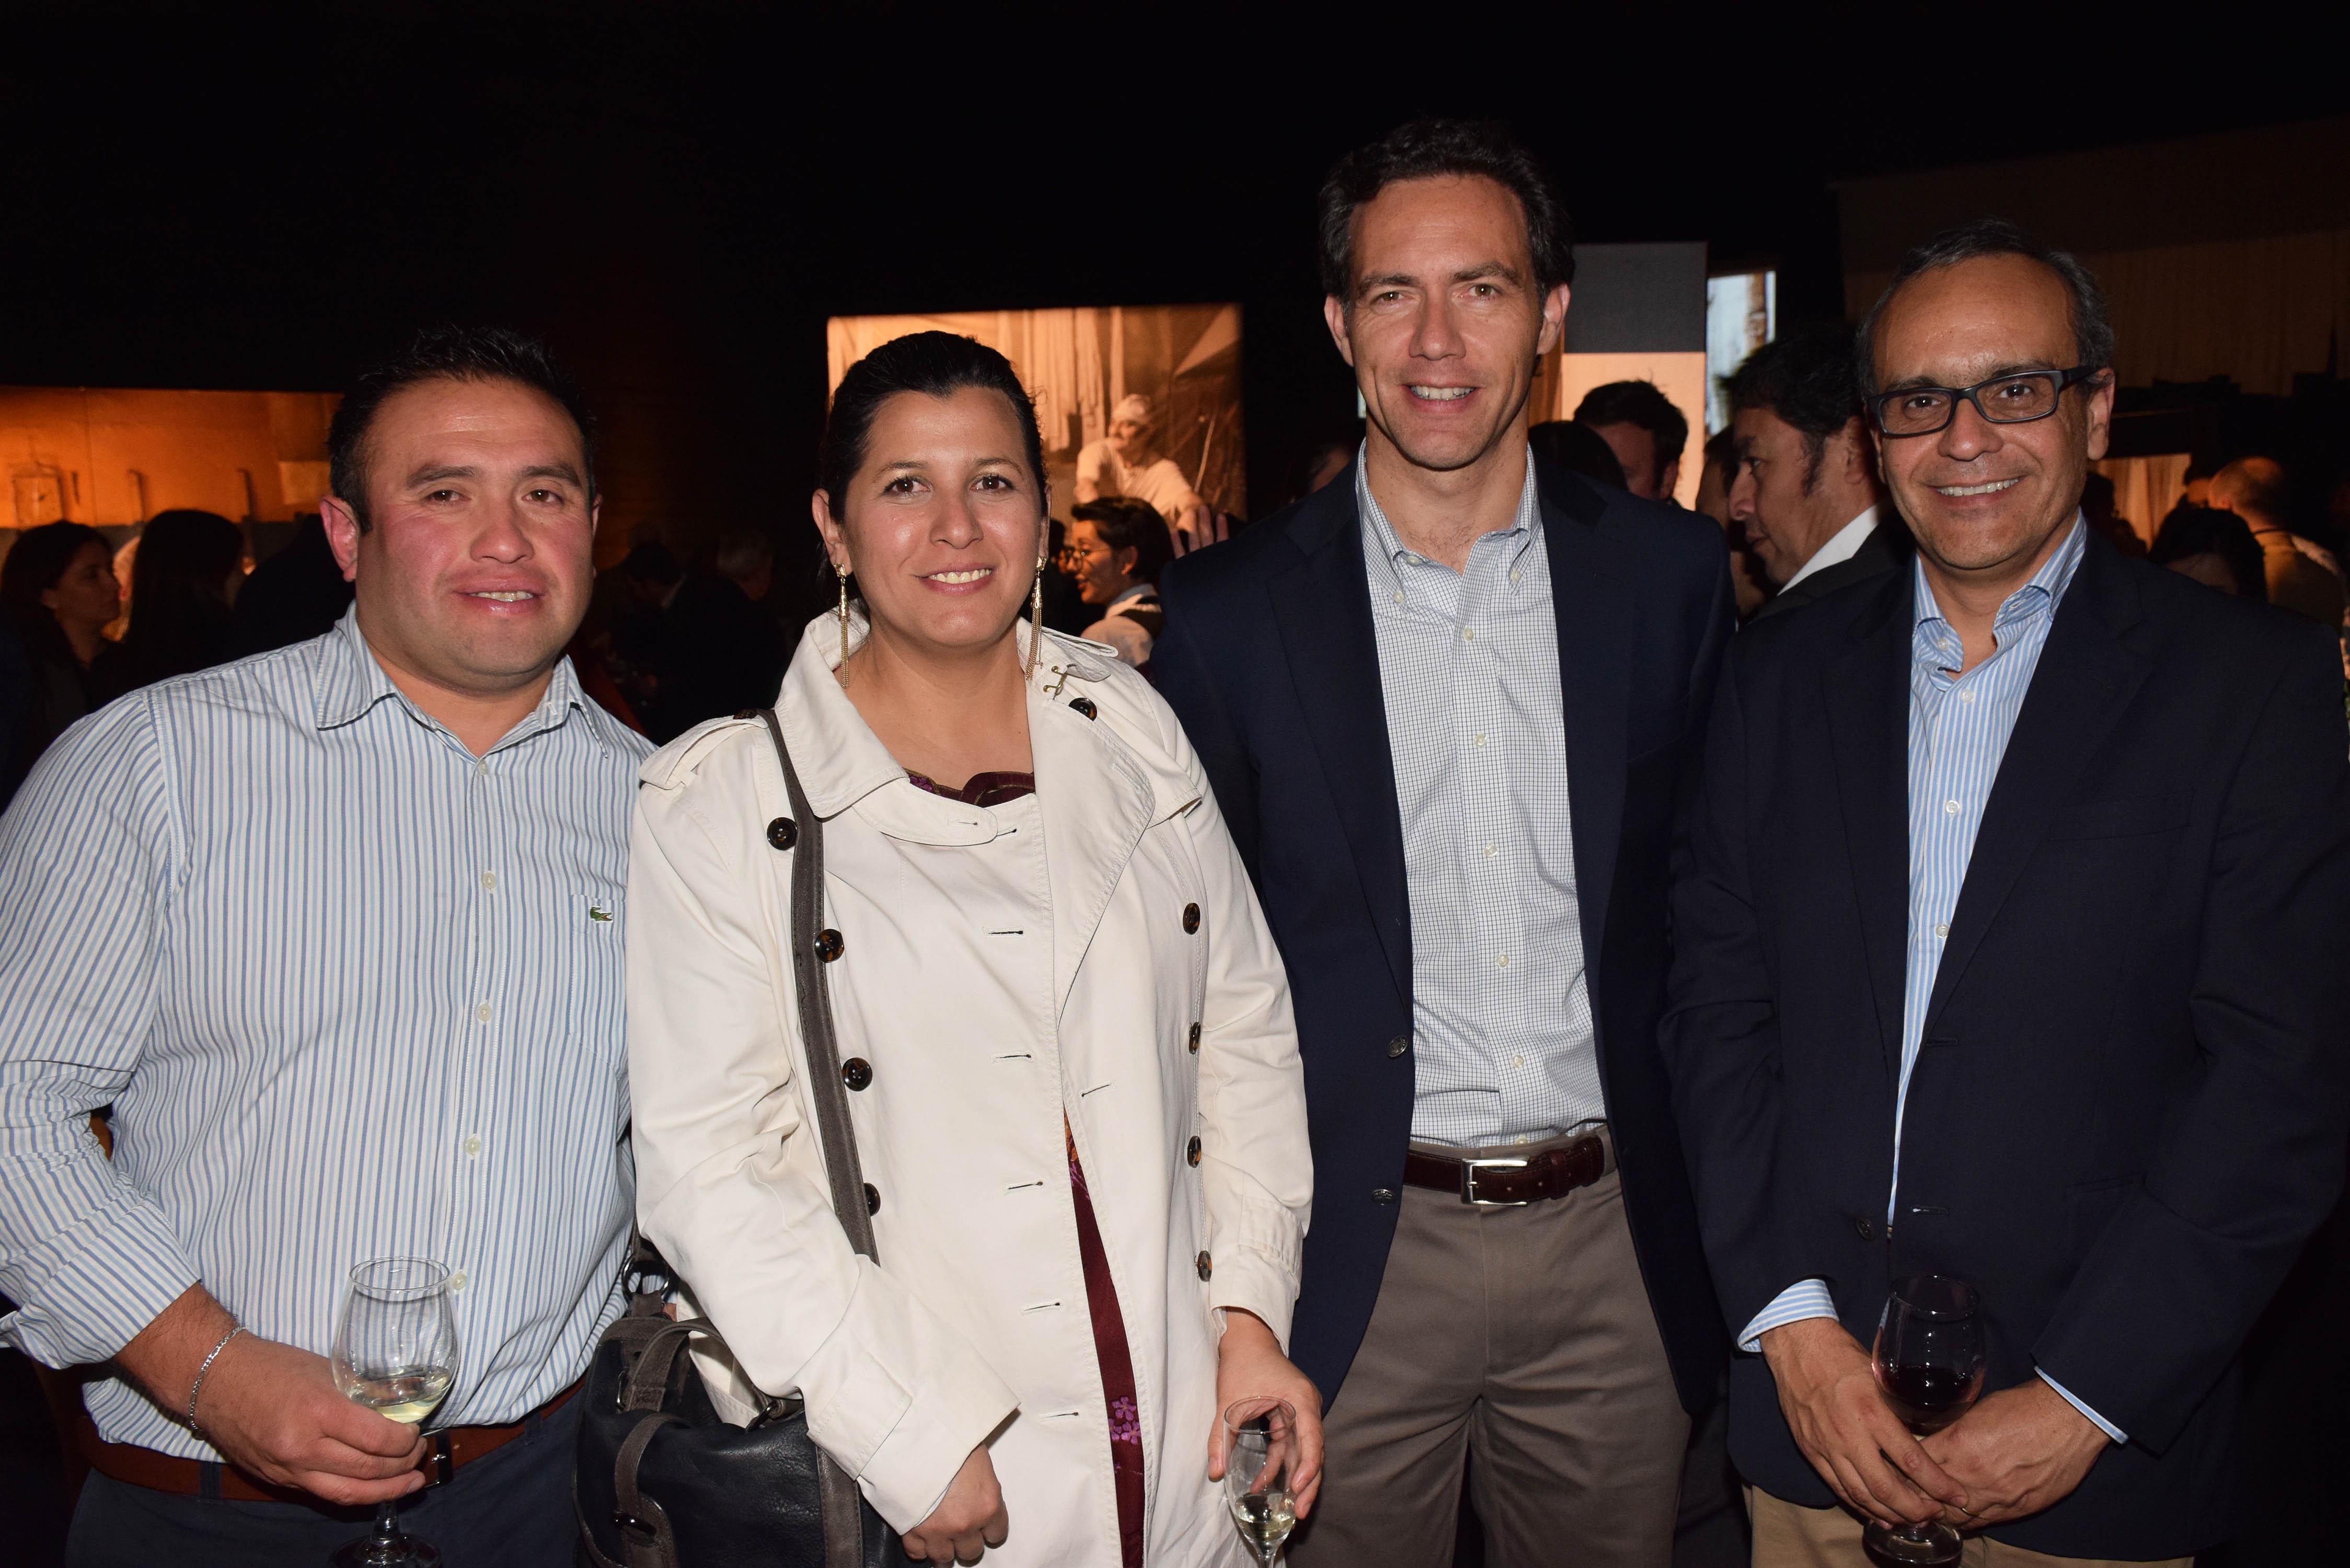 Mauricio Lastra, Valeria Valdés, Mauricio Ríos y Raúl Carreño.